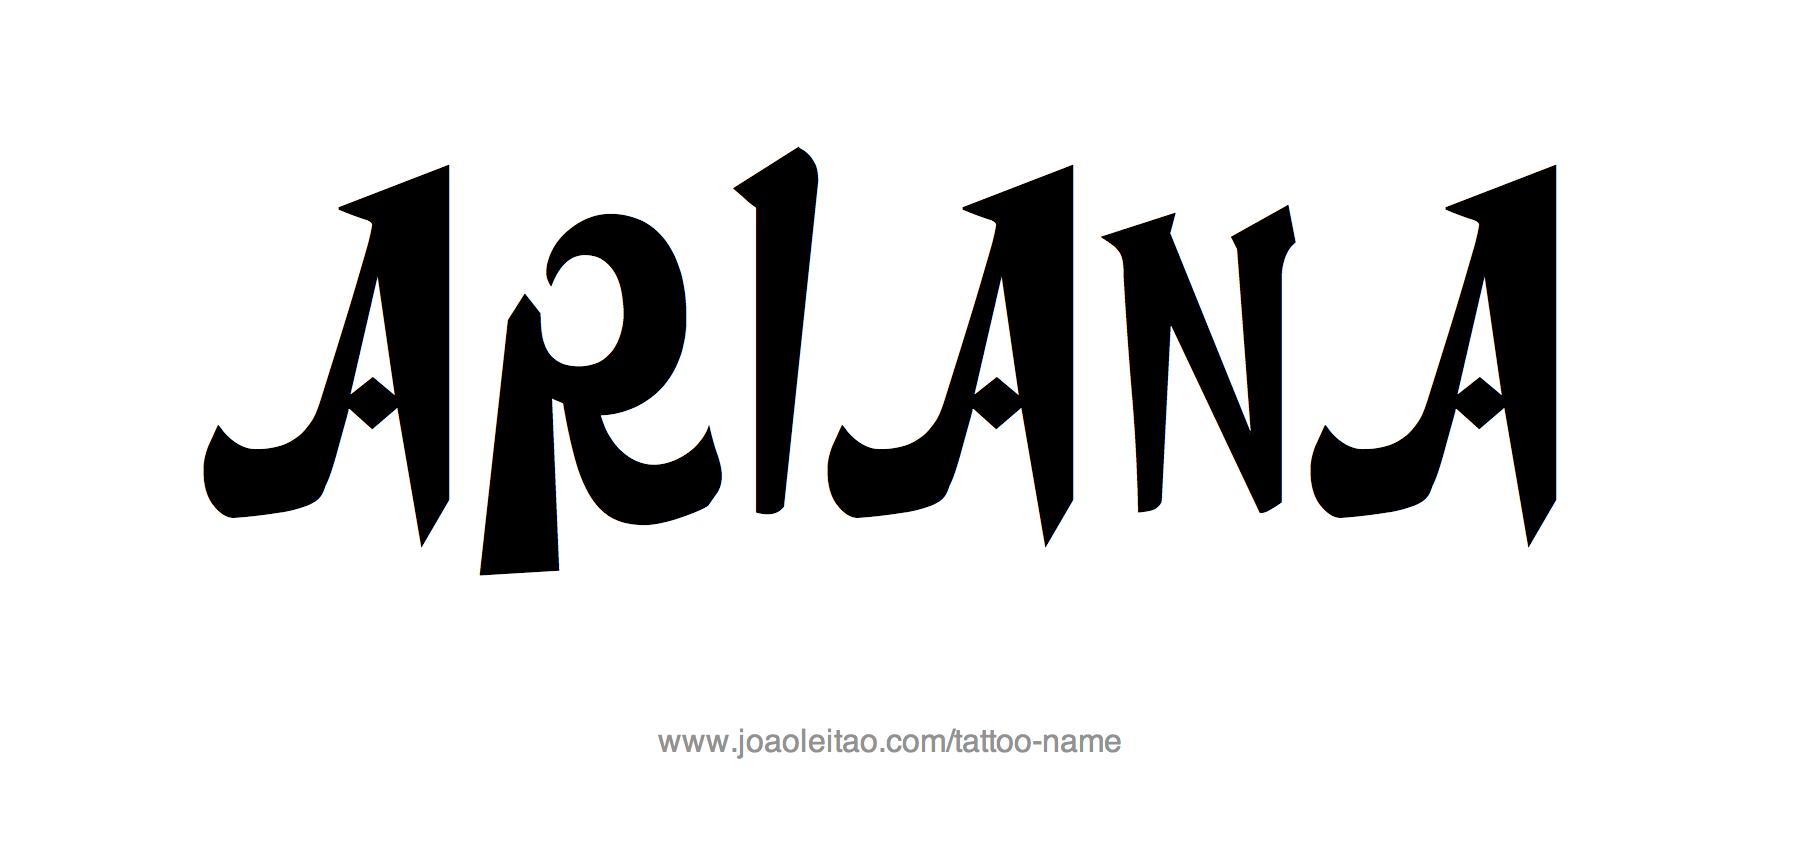 Name: Ariana Name Tattoo Designs